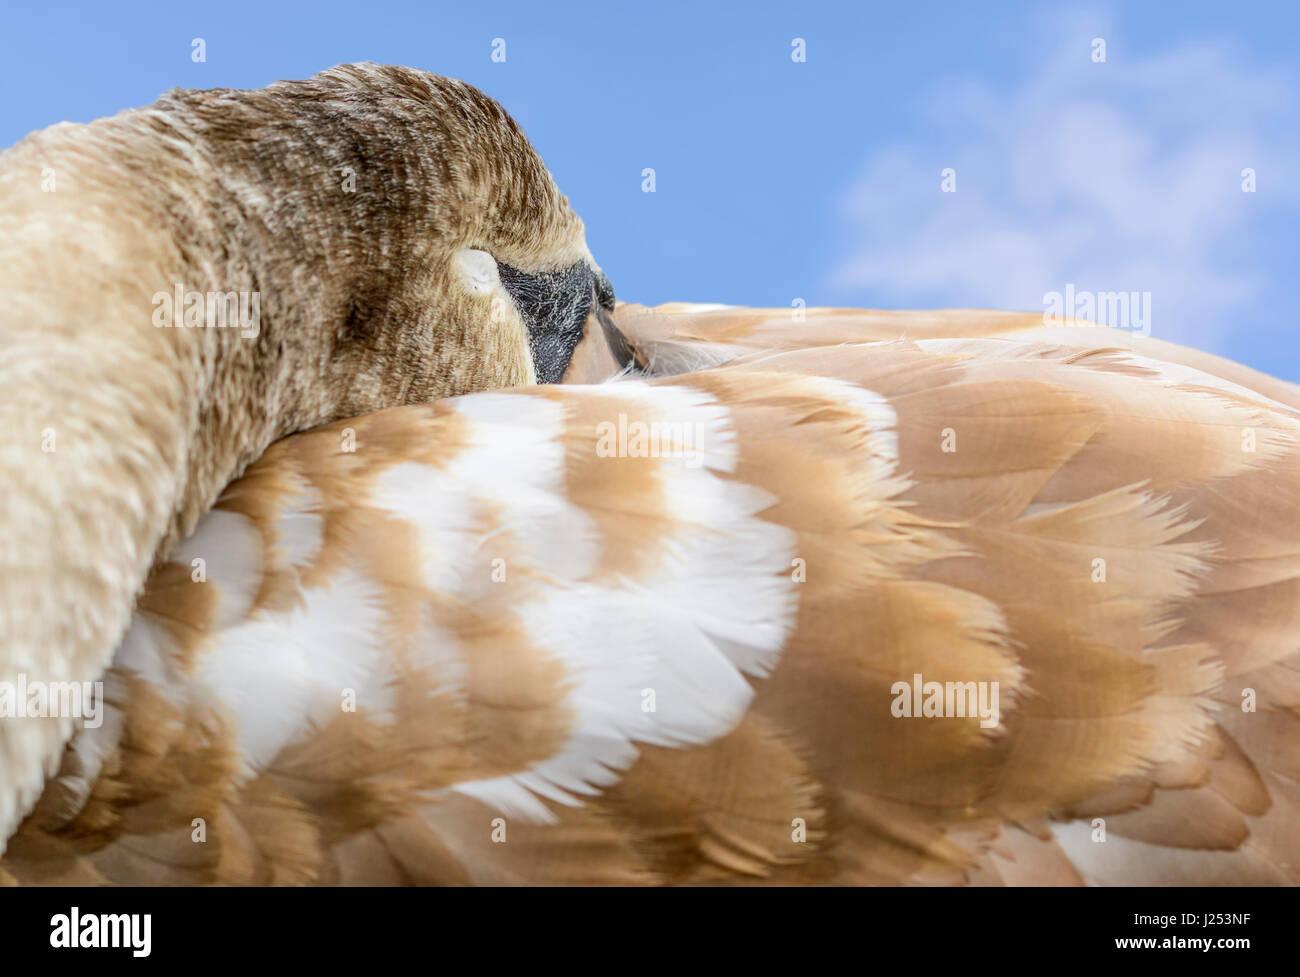 Weiße Höckerschwan Cygnet (Cygnus Olor) mit seinen geschlossenen Augen, einen Schlaf. Schlafende Konzept. Stockbild